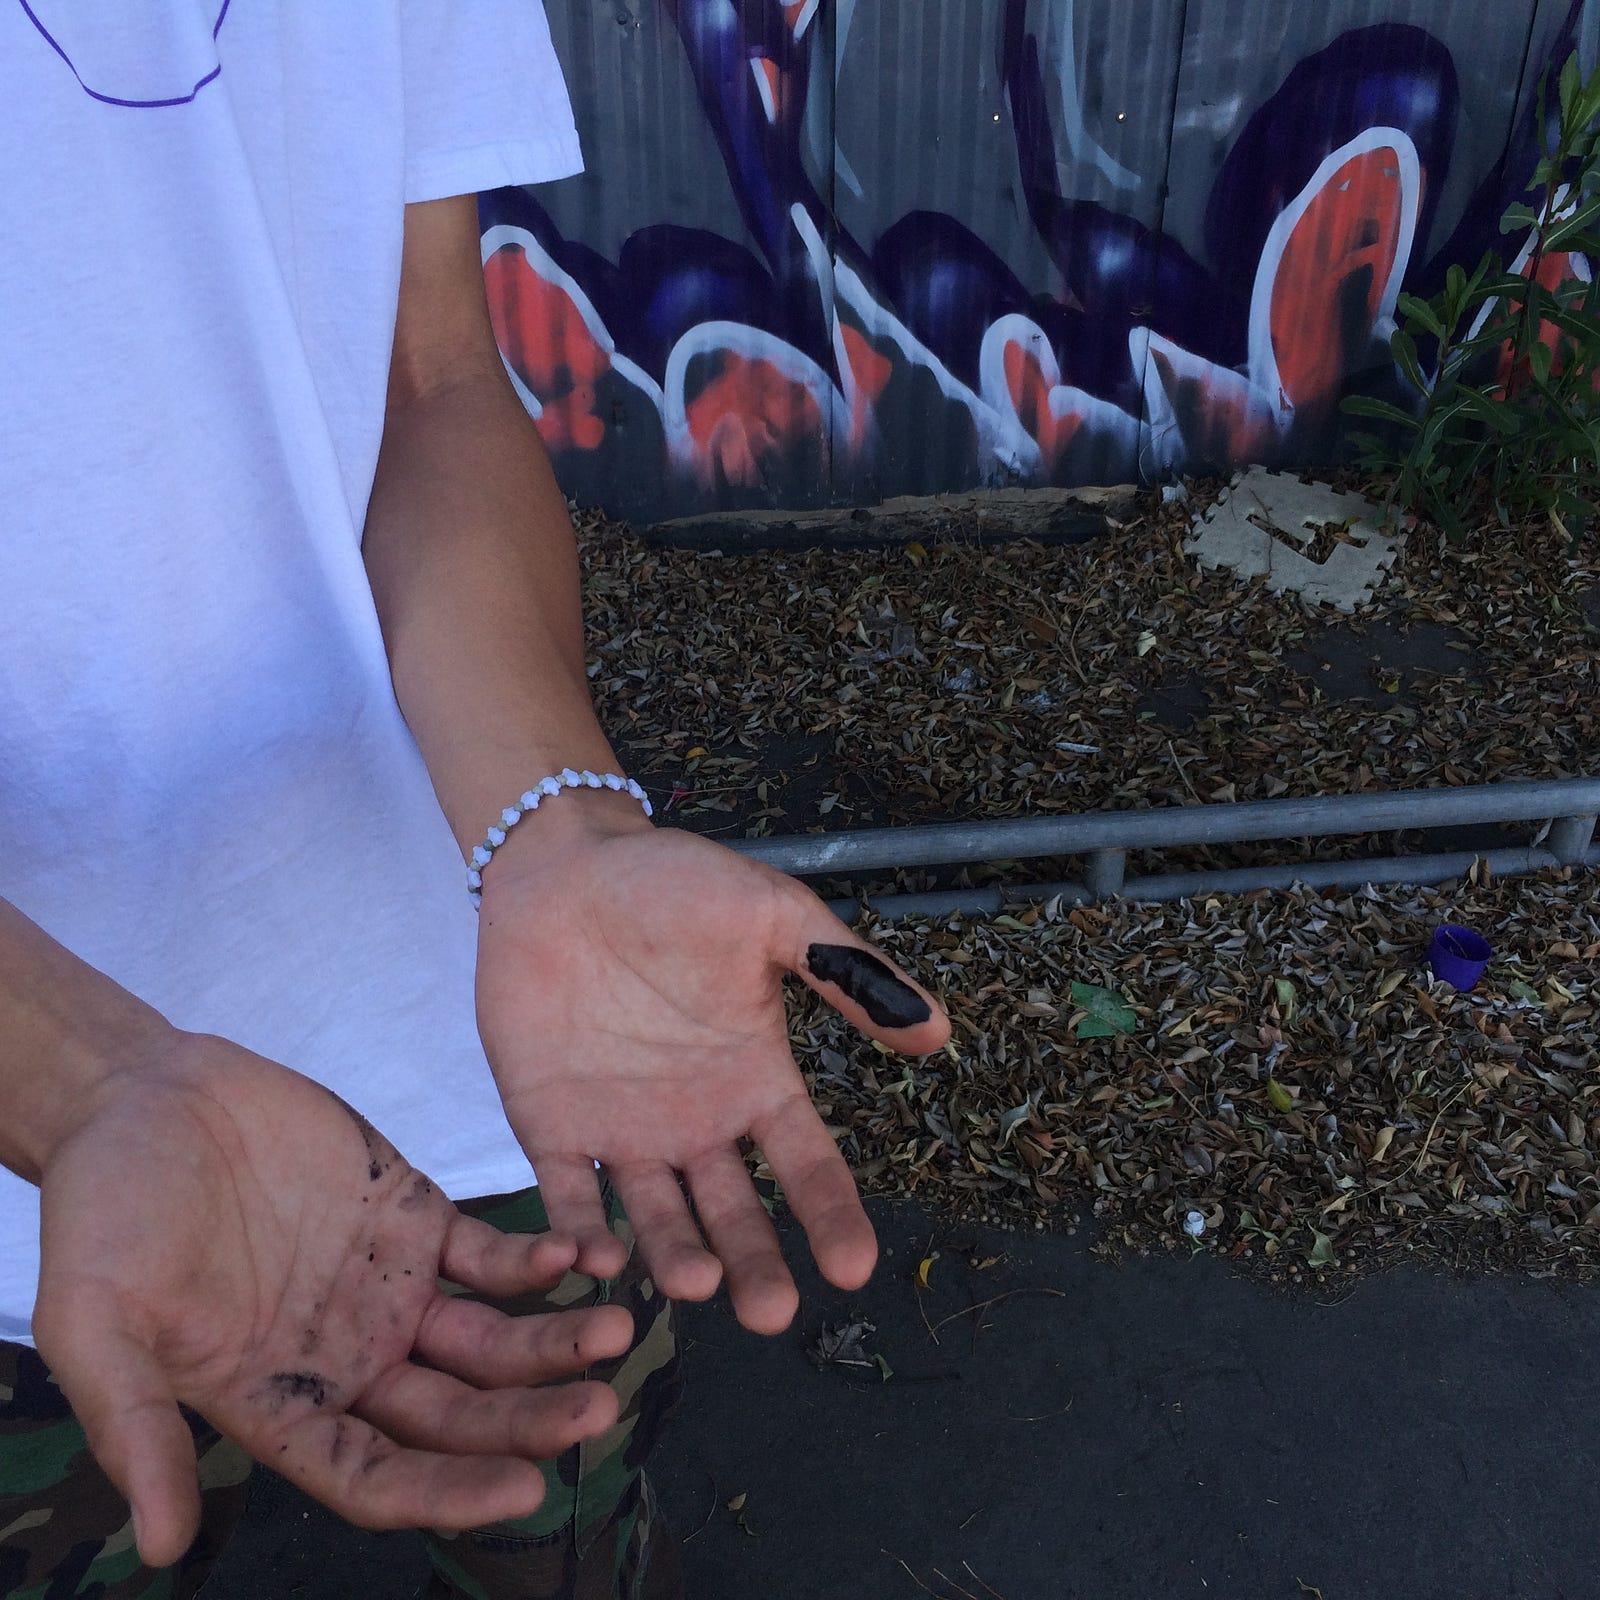 Graffiti In Los Angeles Art Or Vandalism Caleigh Wells Medium